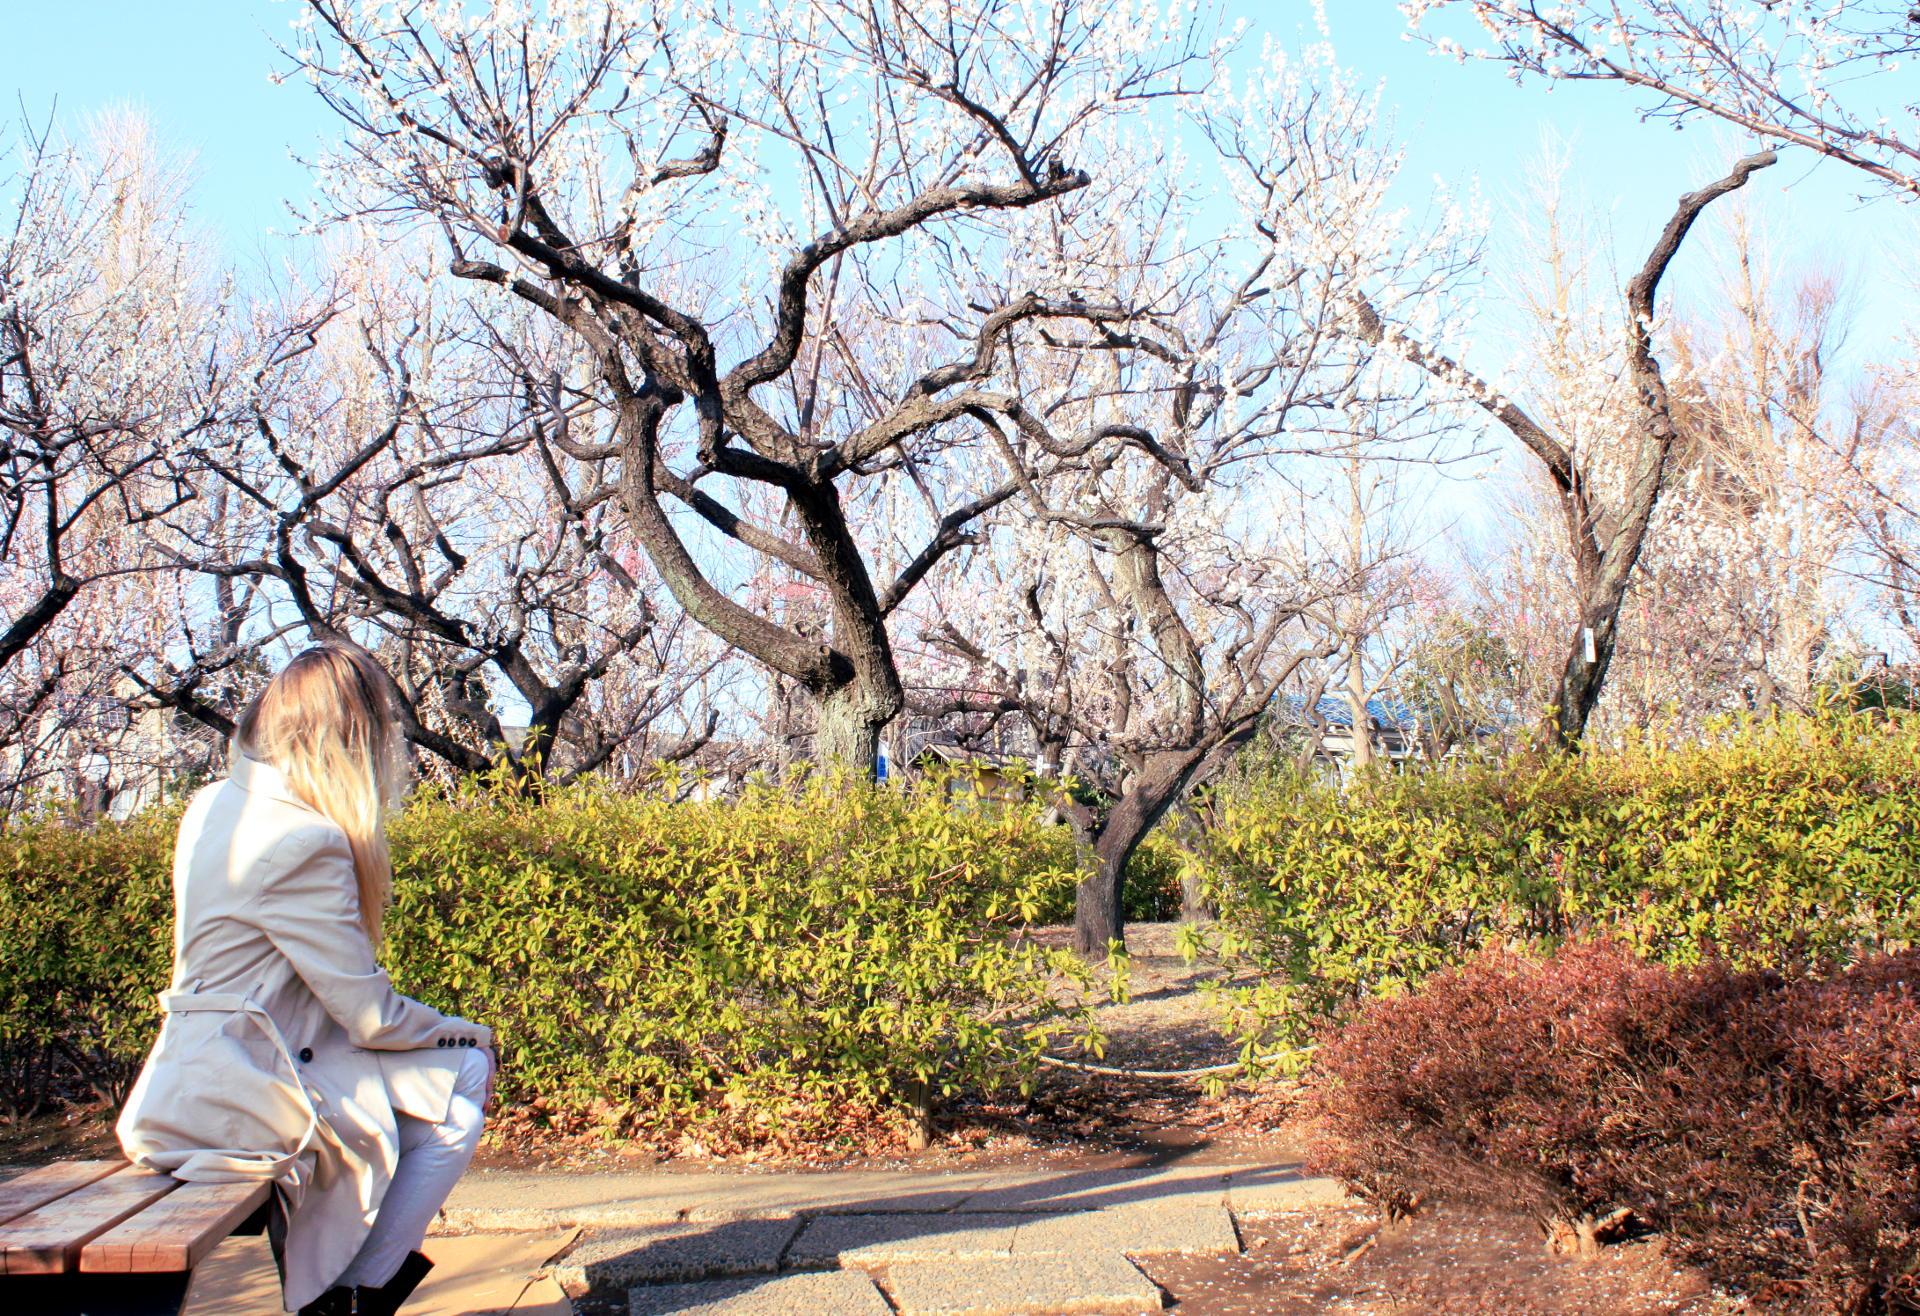 tokio japonia tokyo japan park kwitnacawisnia kwiaty cherryblossom hanami sakura springinjapan wiosnawjaponii iglawpodrozy